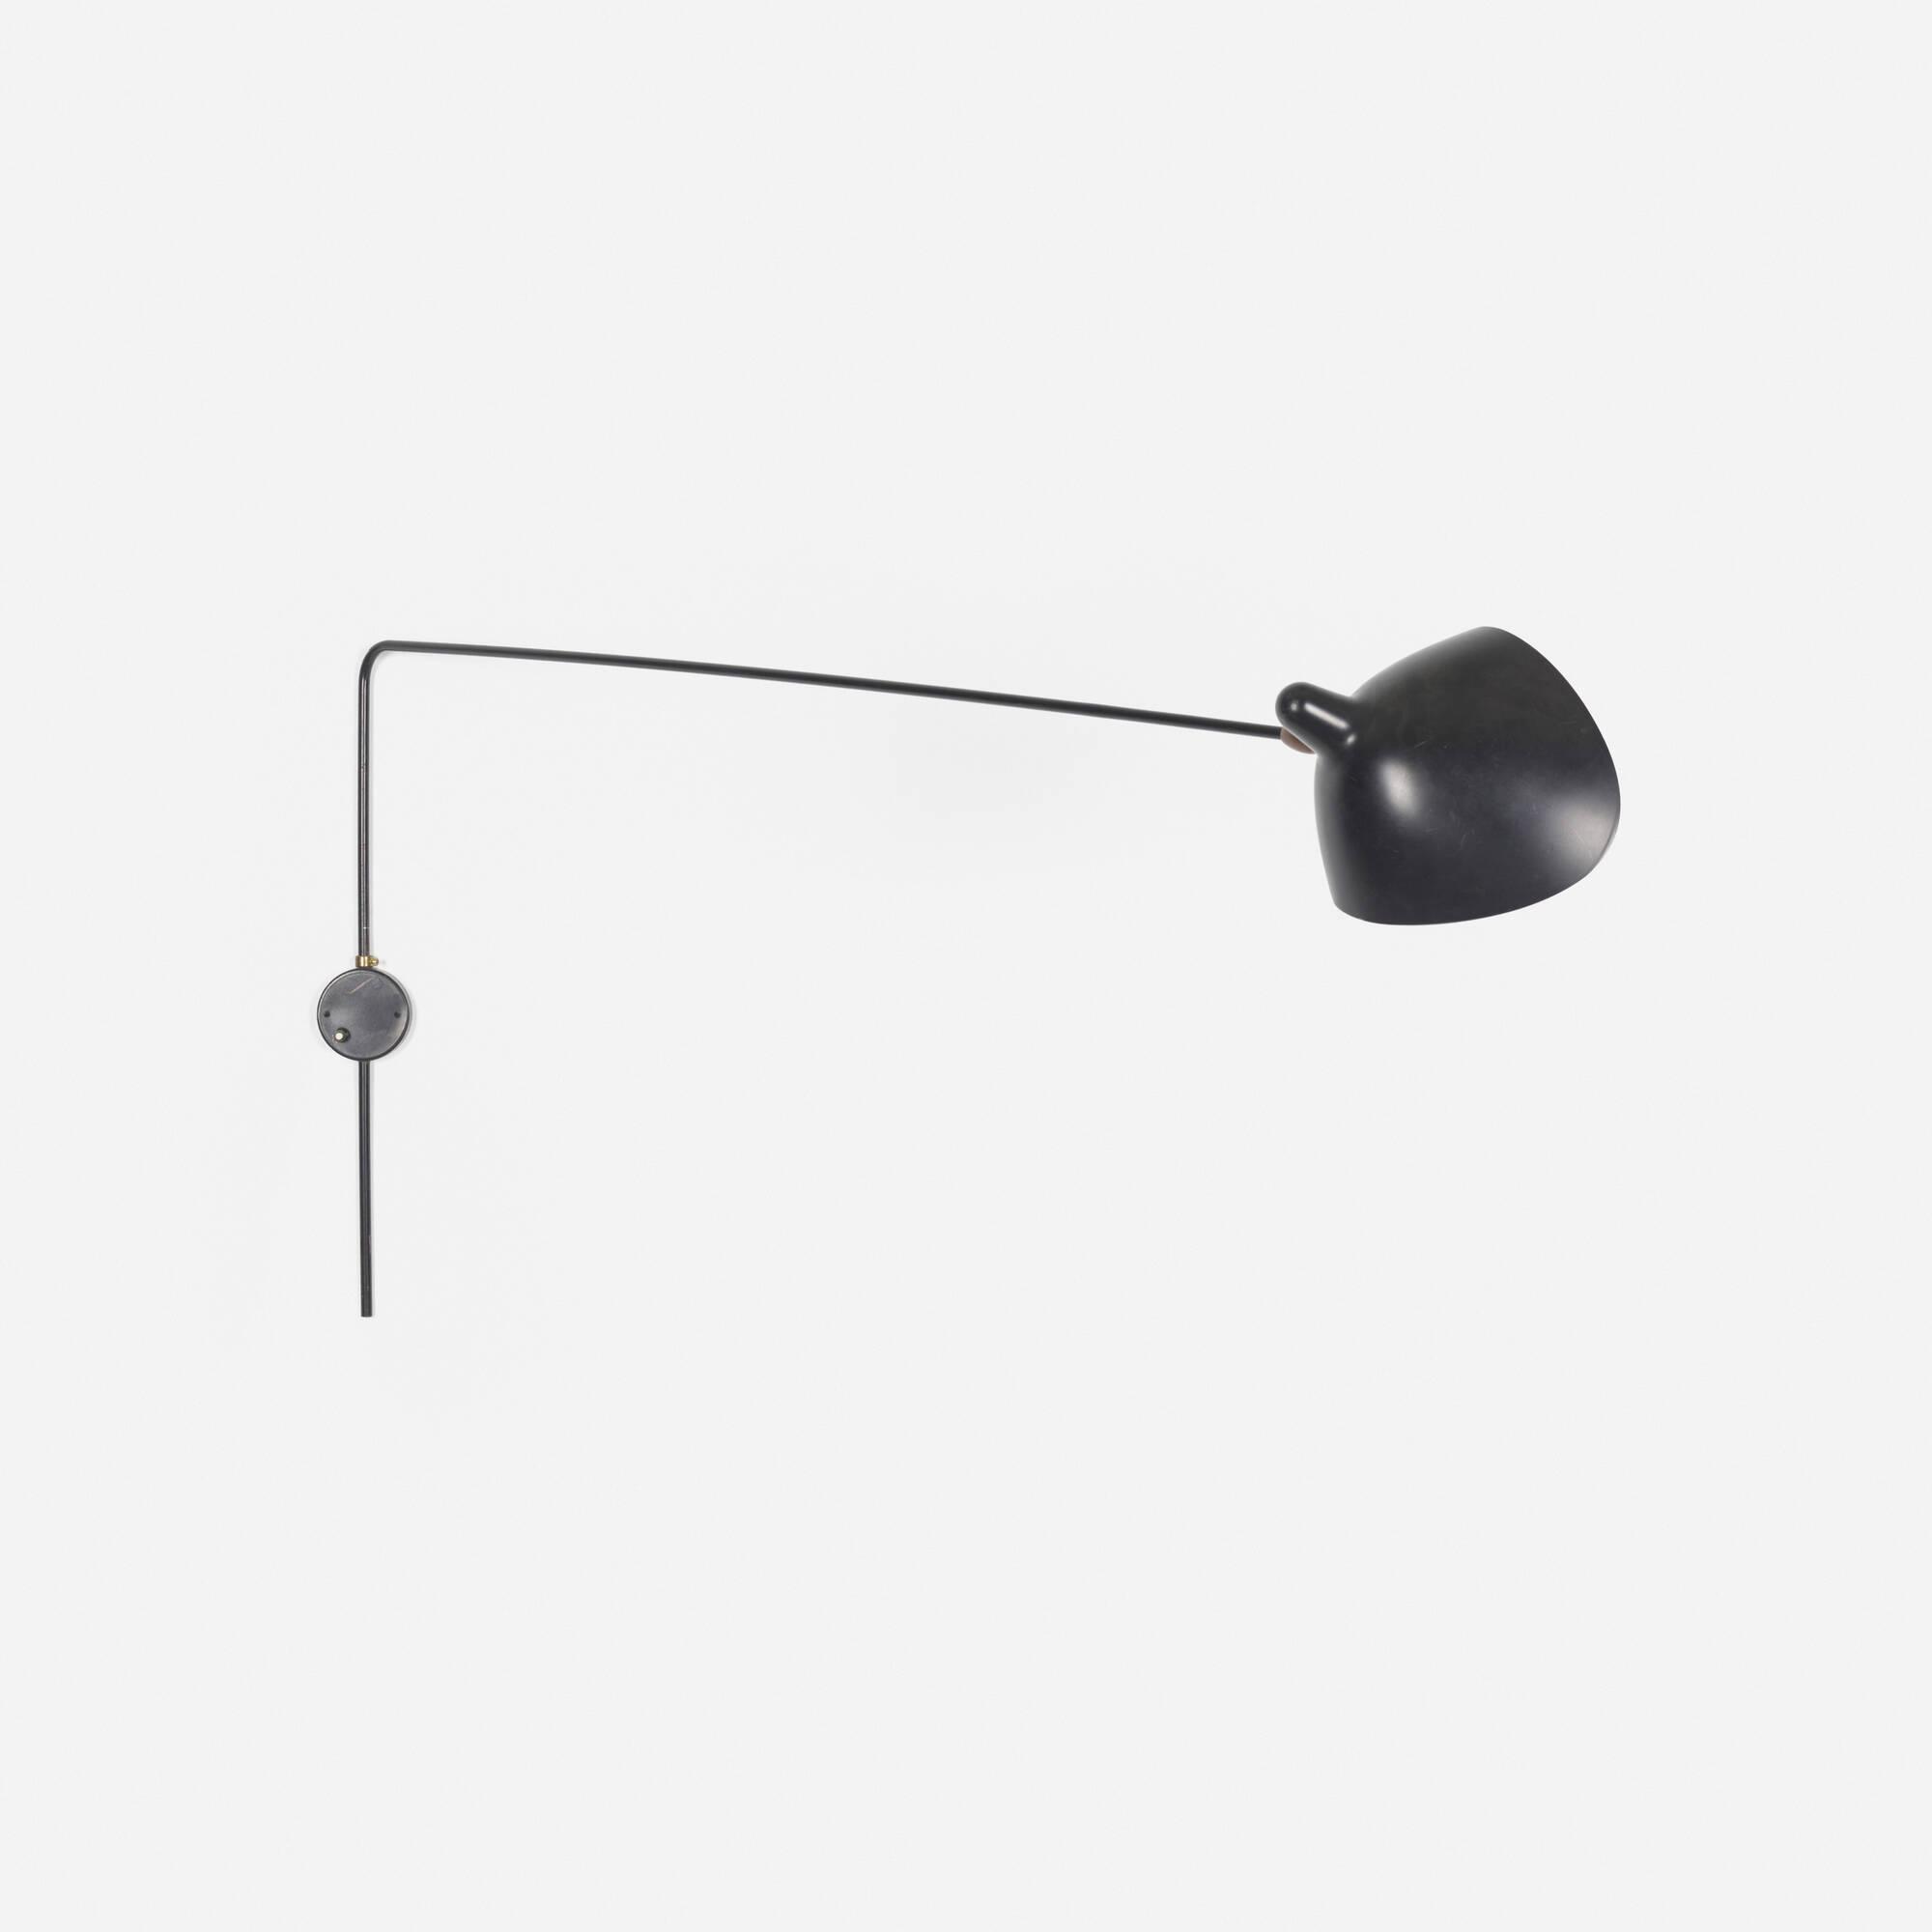 357 serge mouille applique. Black Bedroom Furniture Sets. Home Design Ideas